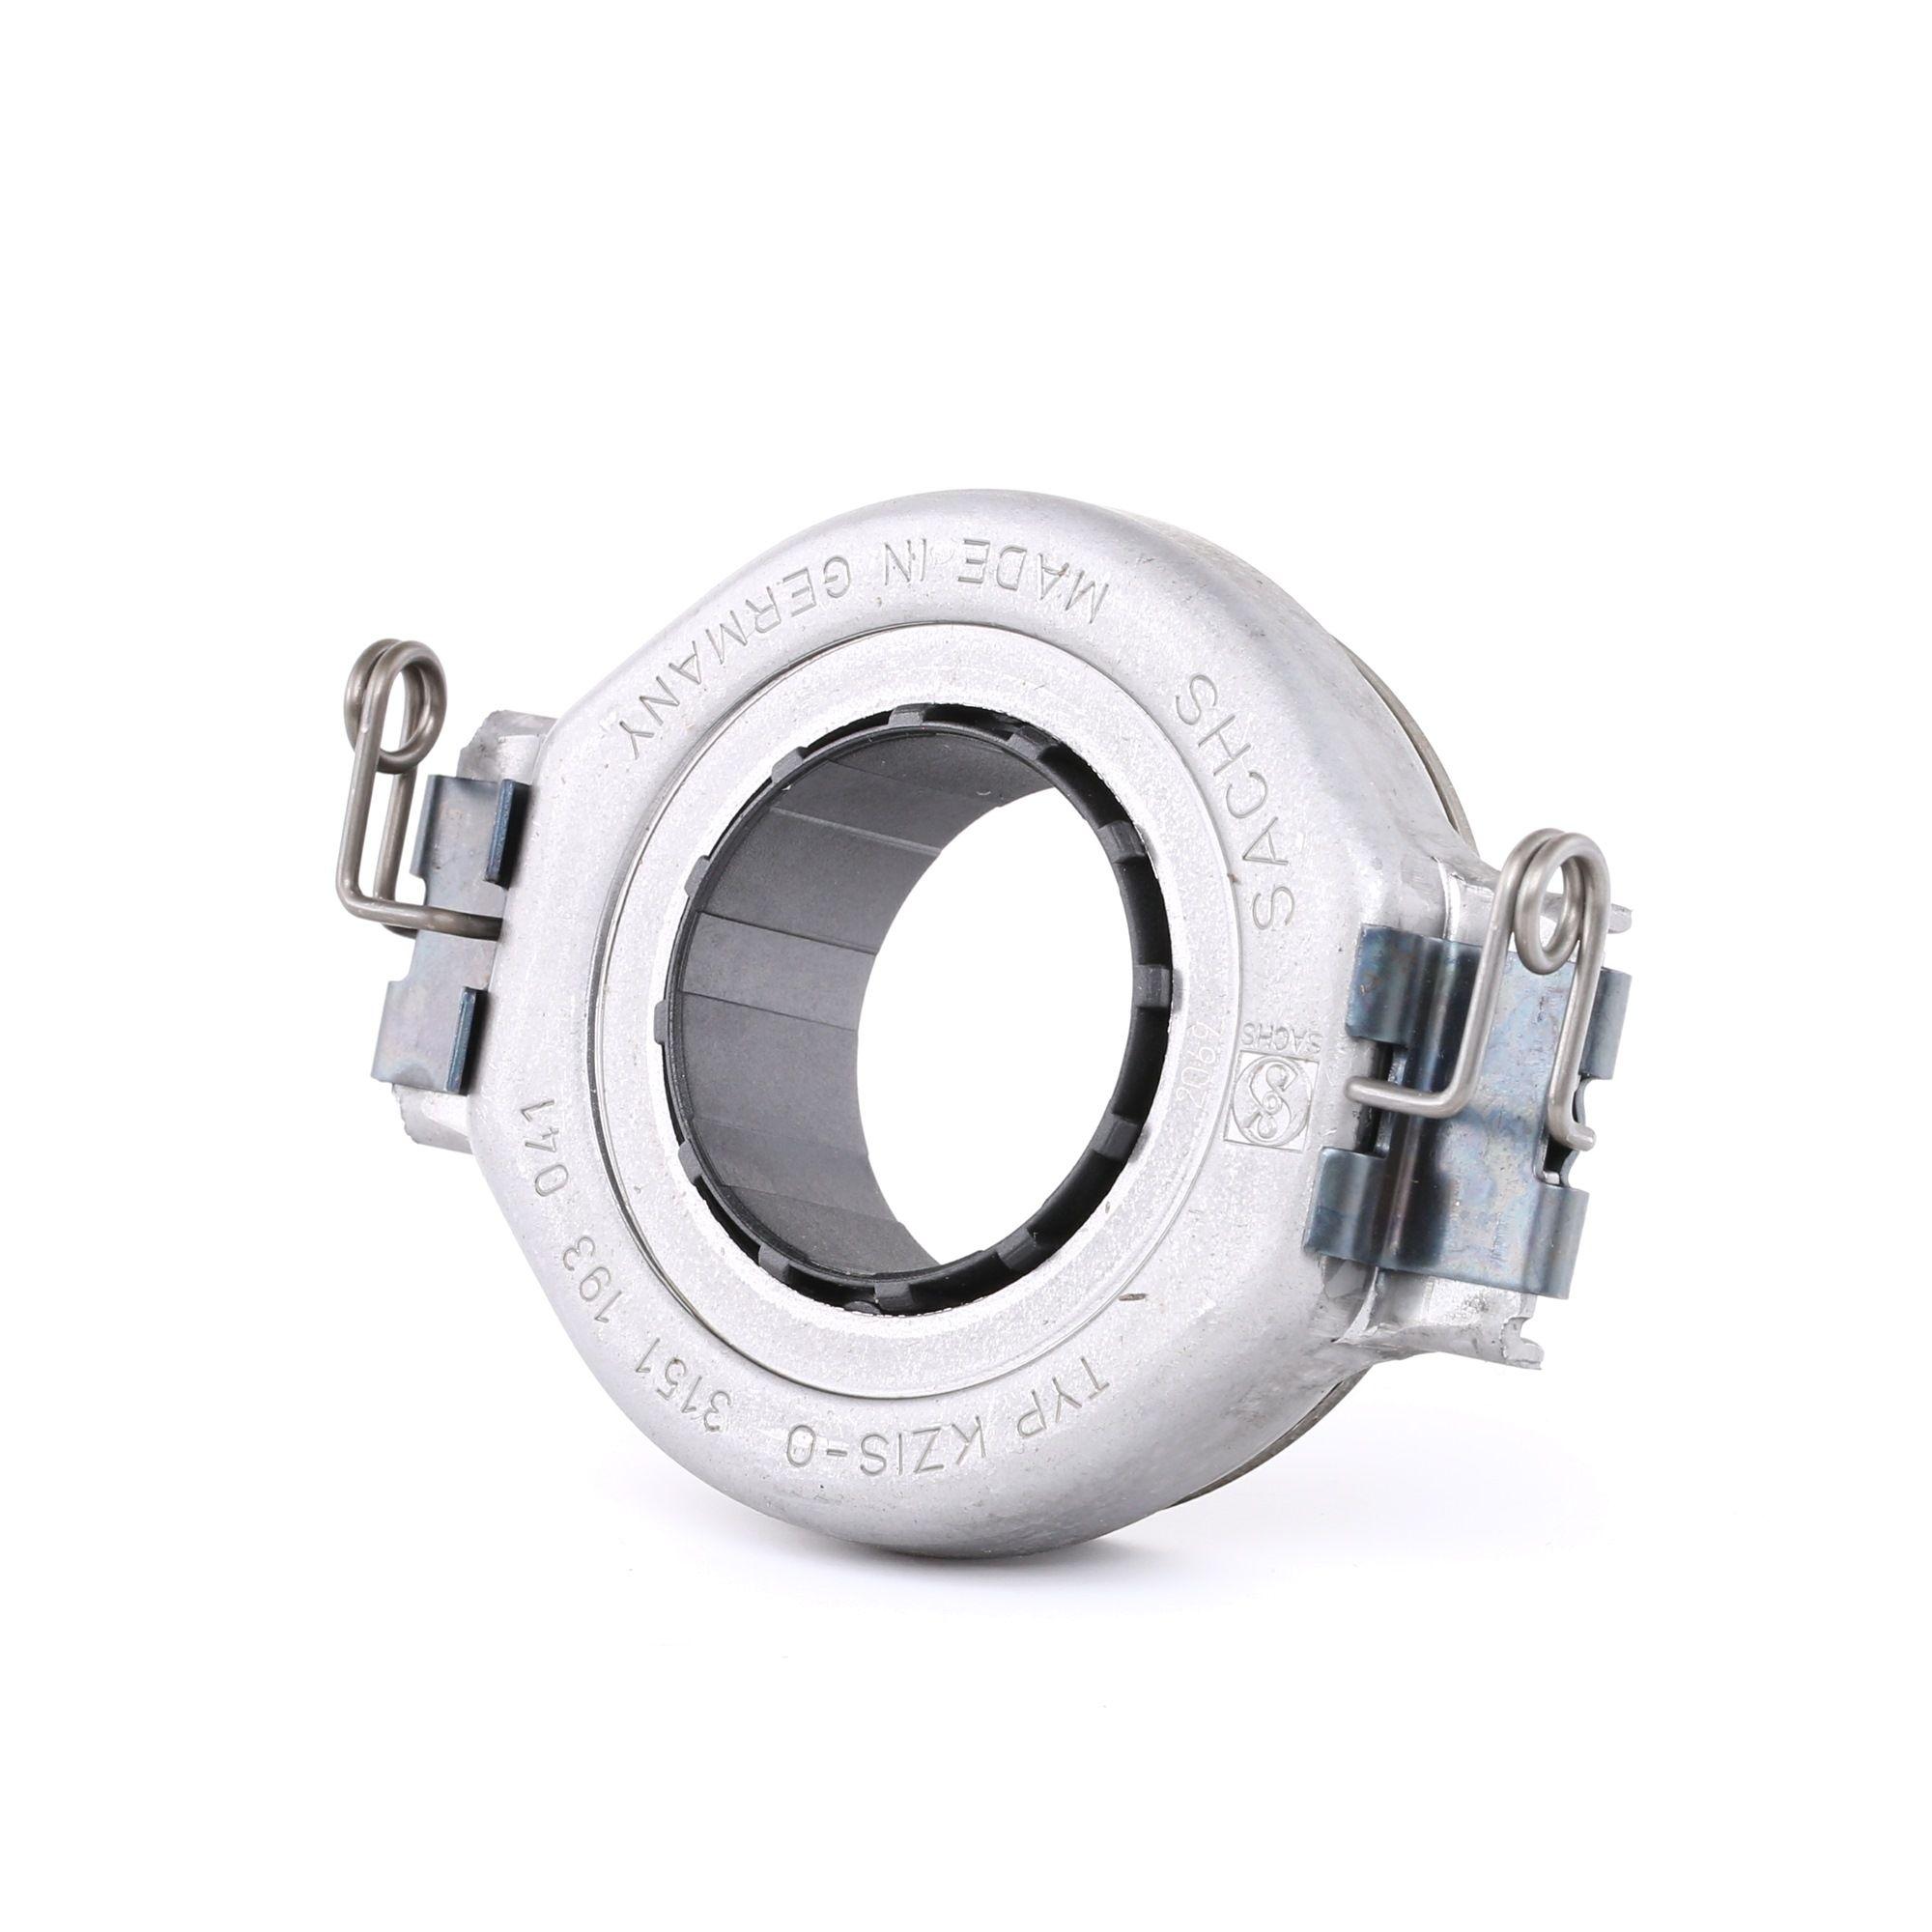 Buy original Bearings SACHS 3151 193 041